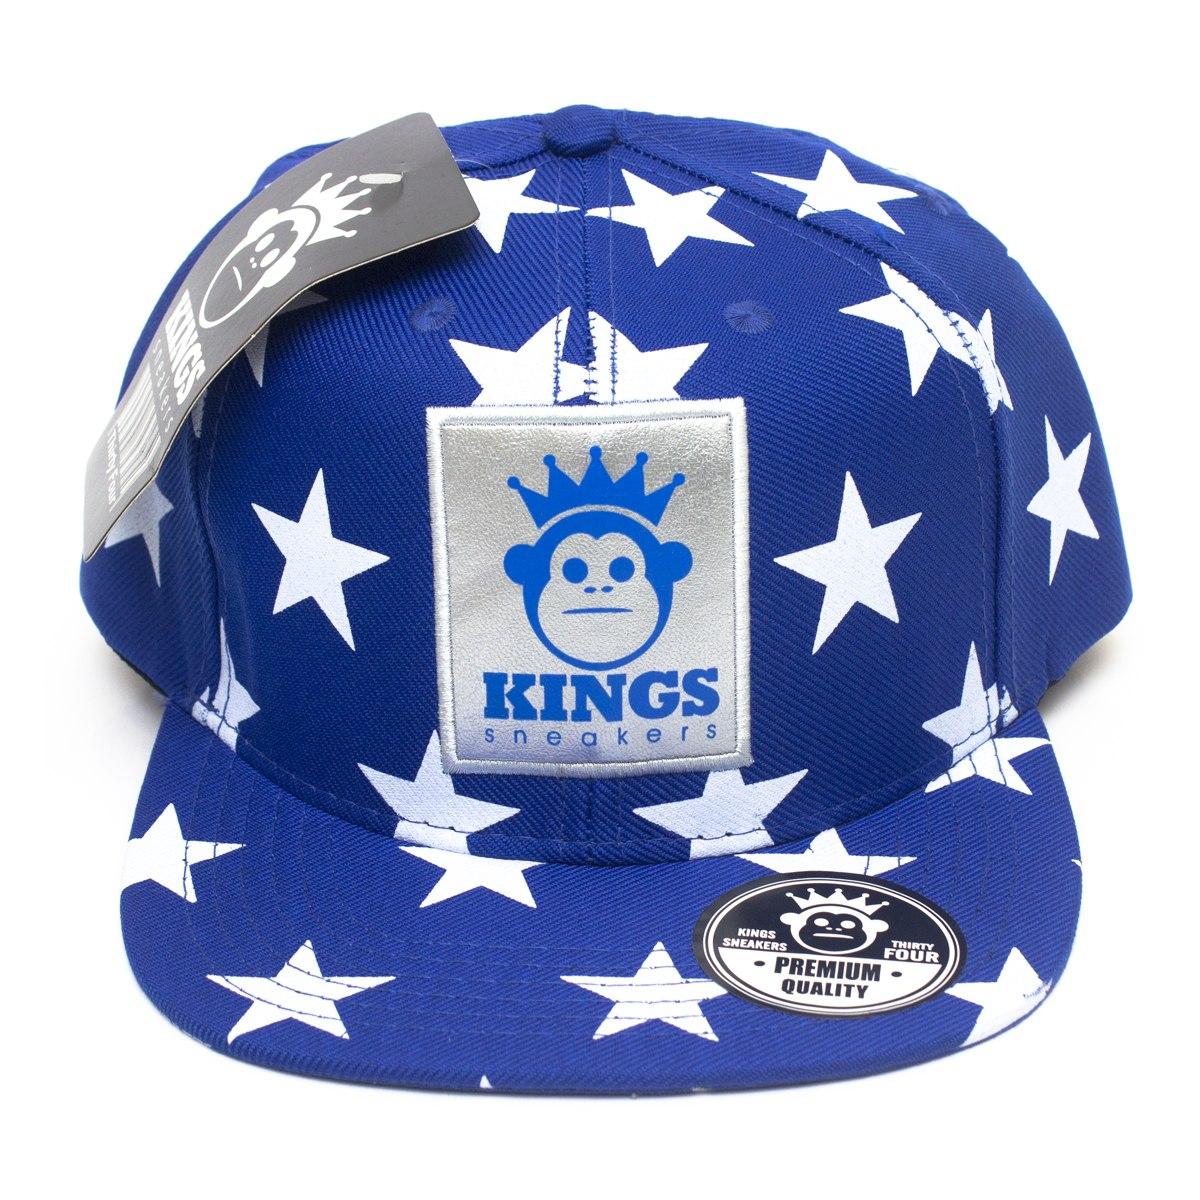 c48f236803 Boné Aba Reta Top Kings Sneakers Star Estrela Promoção! - R$ 79,99 ...